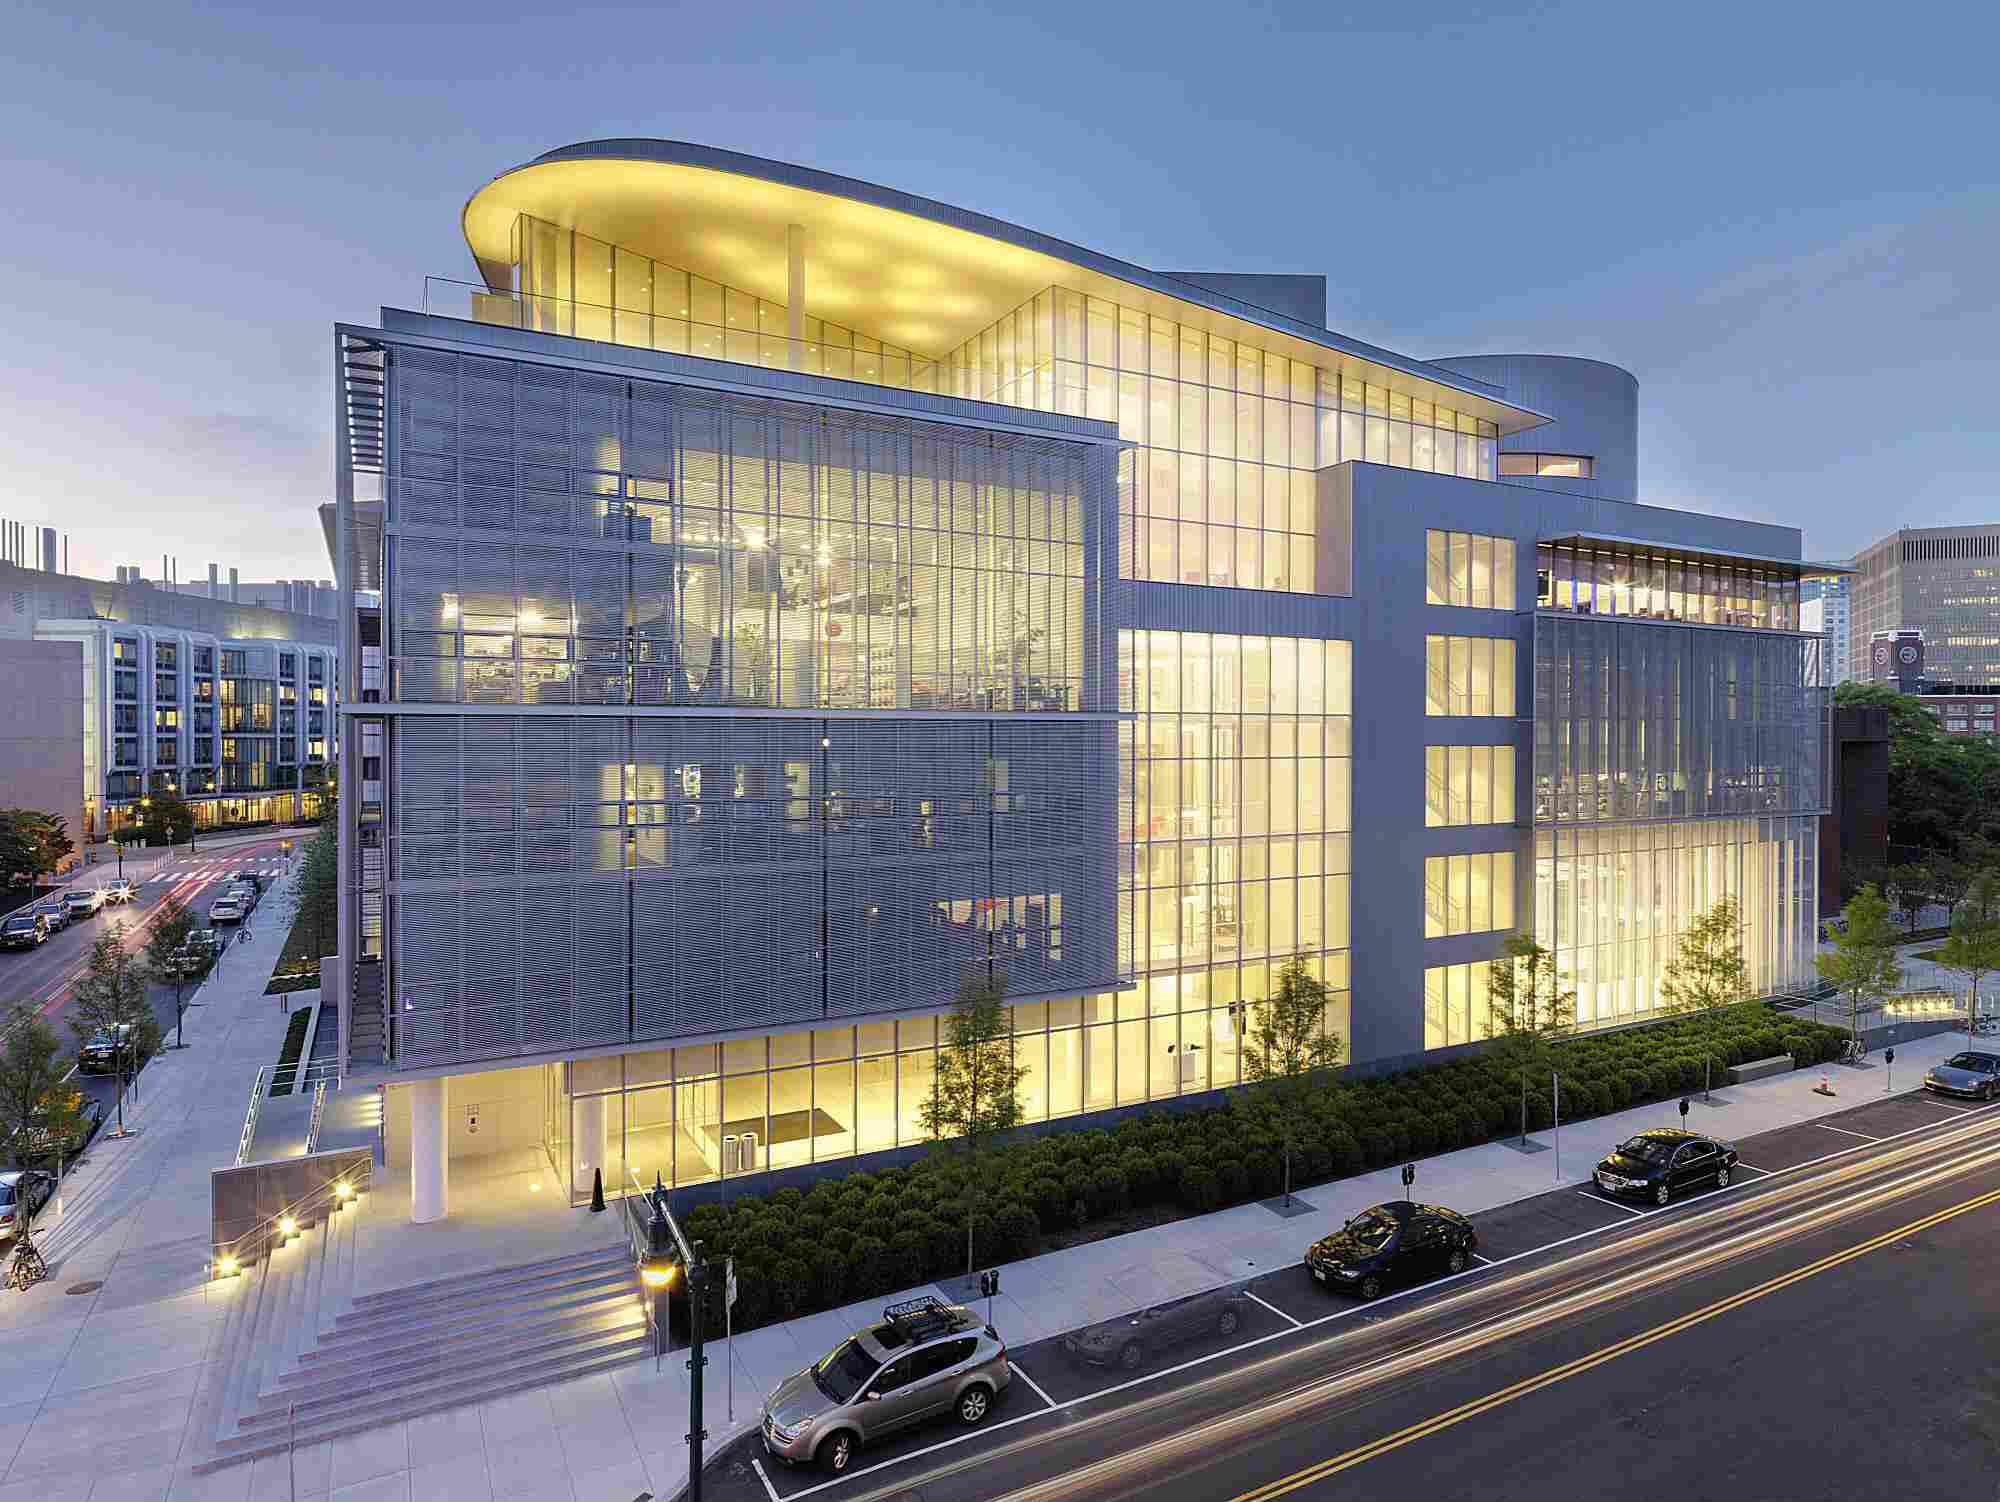 Массачусетский технологический институт фотографии